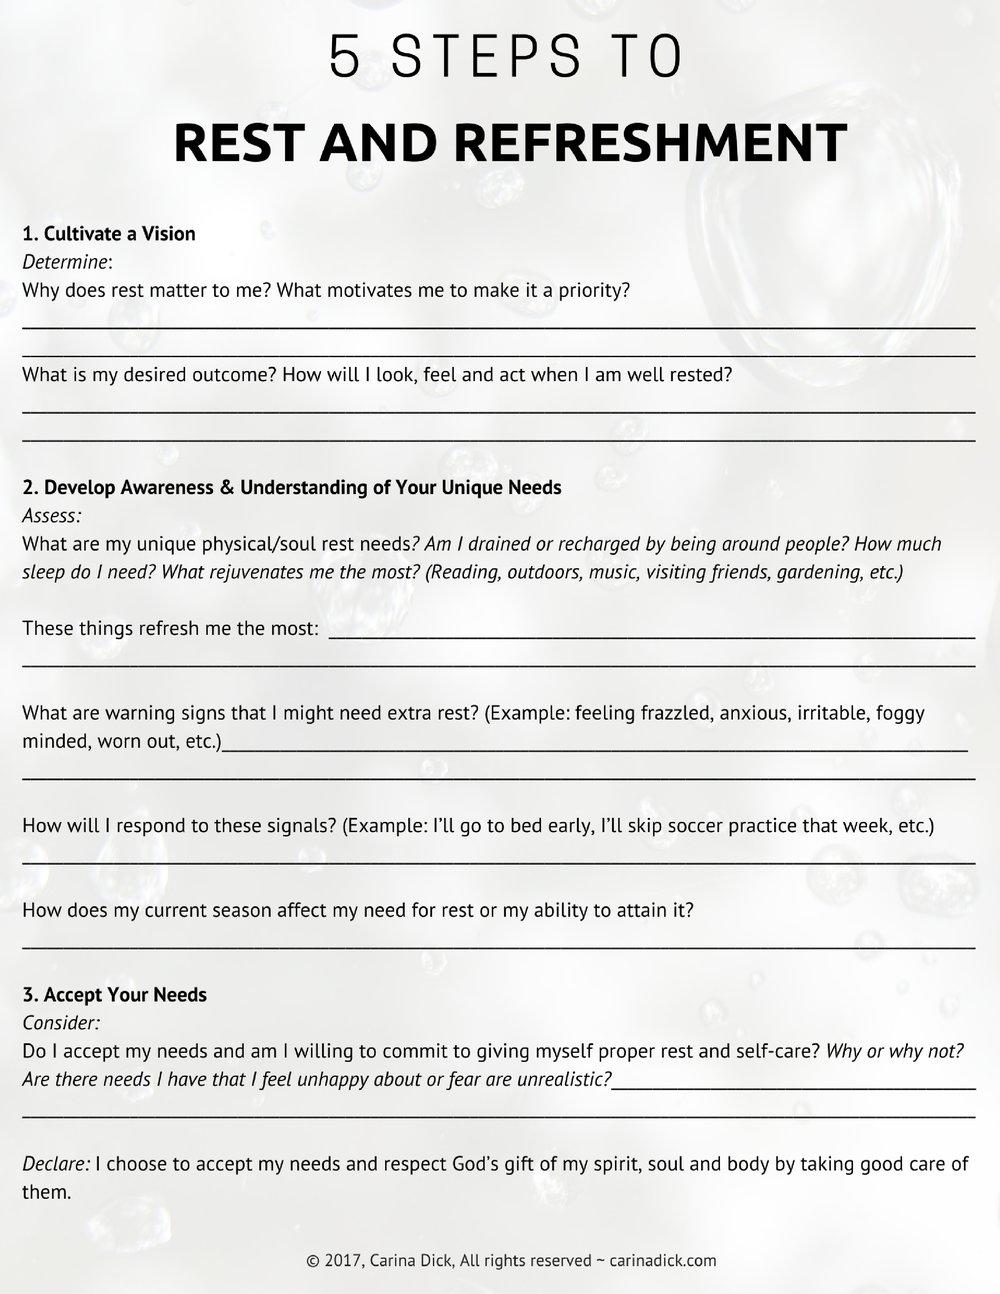 5 steps to rest image.jpg